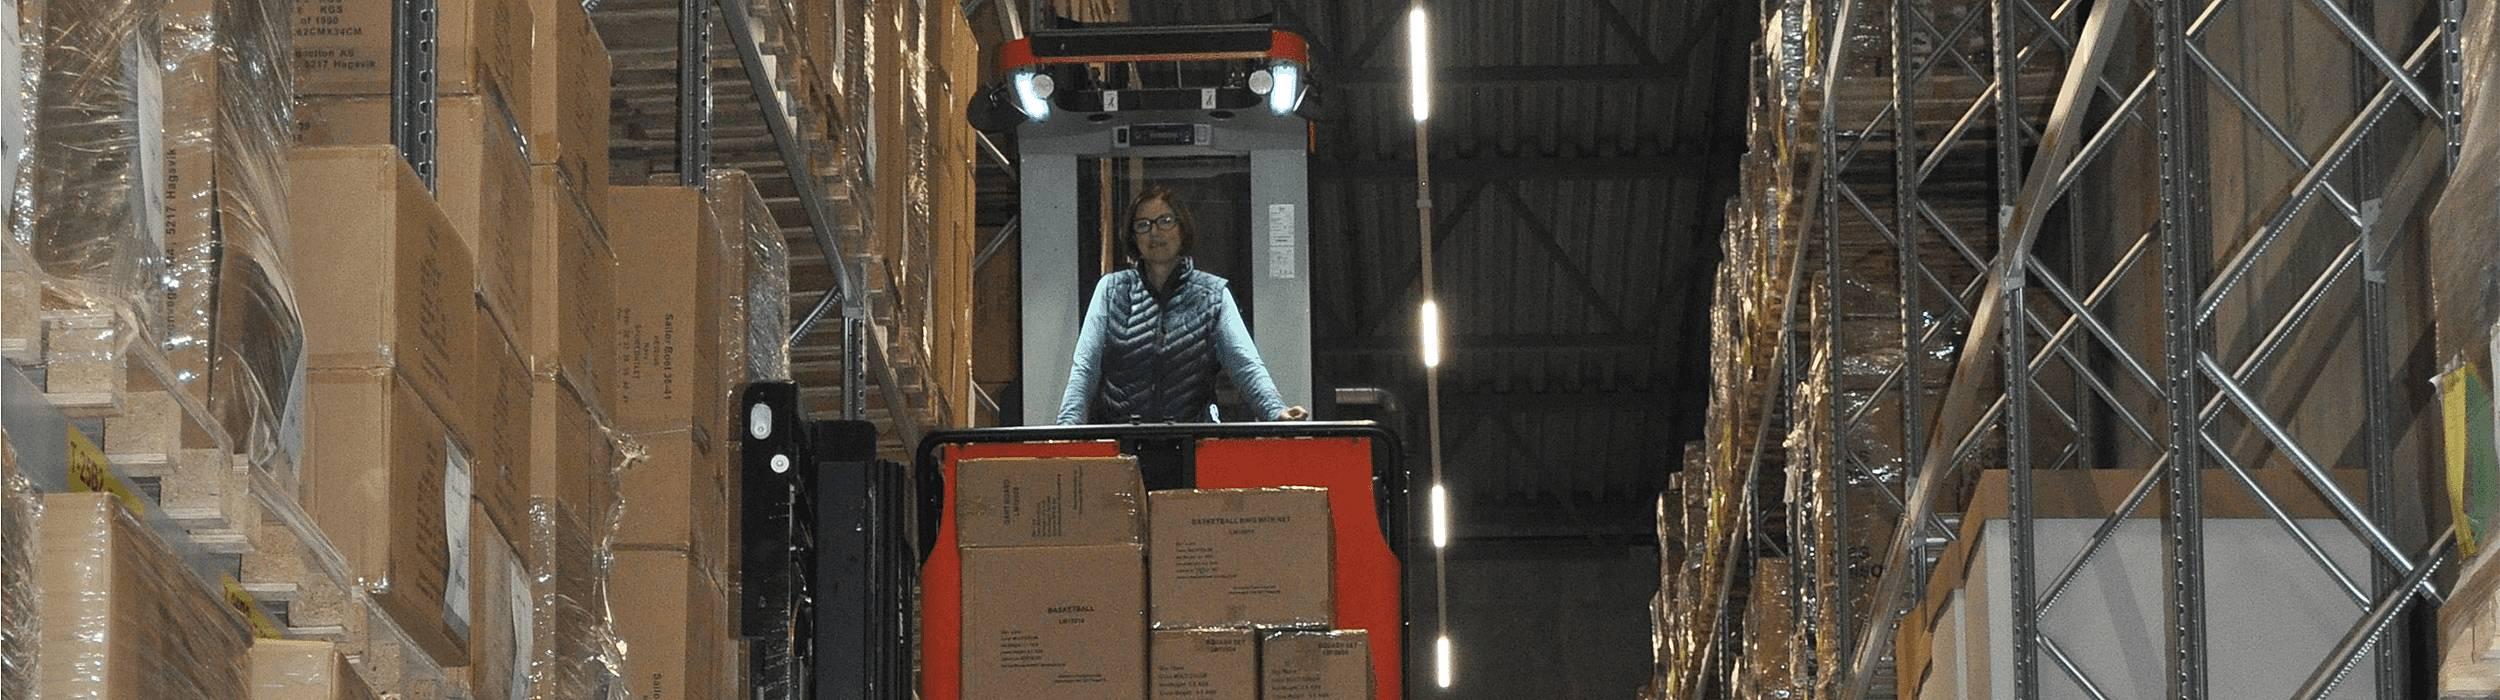 """- Våre brukte maskiner i Toyota Material Handling kan være et lurt og godt alternativ for mange kunder. Alle våre brukte trucker har en standard etter vår """"Approved Used policy"""" som leveres i tre klasser; standard, premium og premium+. Til Invent Sport Drift leverte vi en standard brukt OME100H som er en høytløftende ordreplukker, sier Christer Johnsen, Distriktsjef i Bergen"""